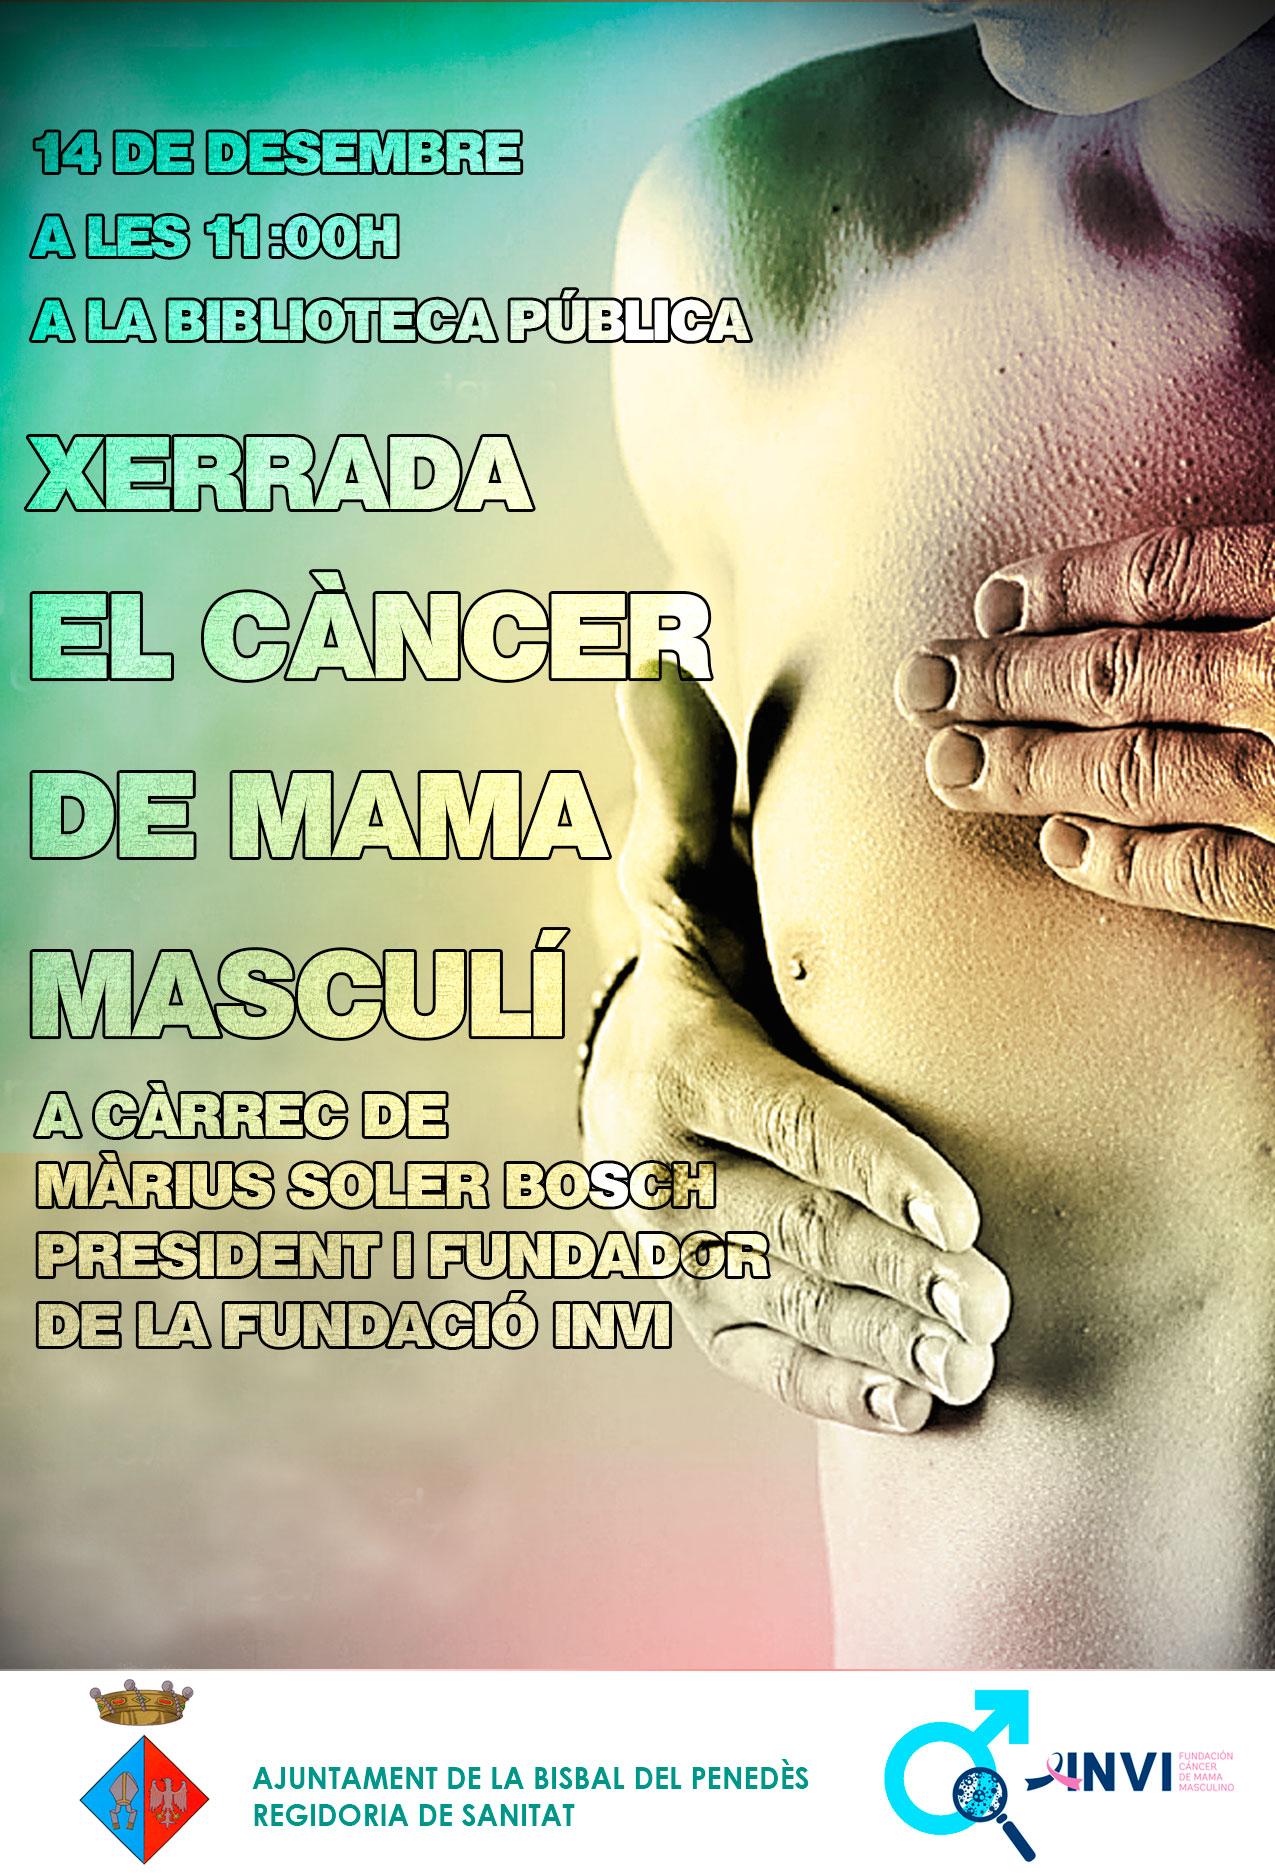 Aquest divendres 14 de desembre a les 11h tindrà lloc una xerrada sobre el càncer de mama masculí